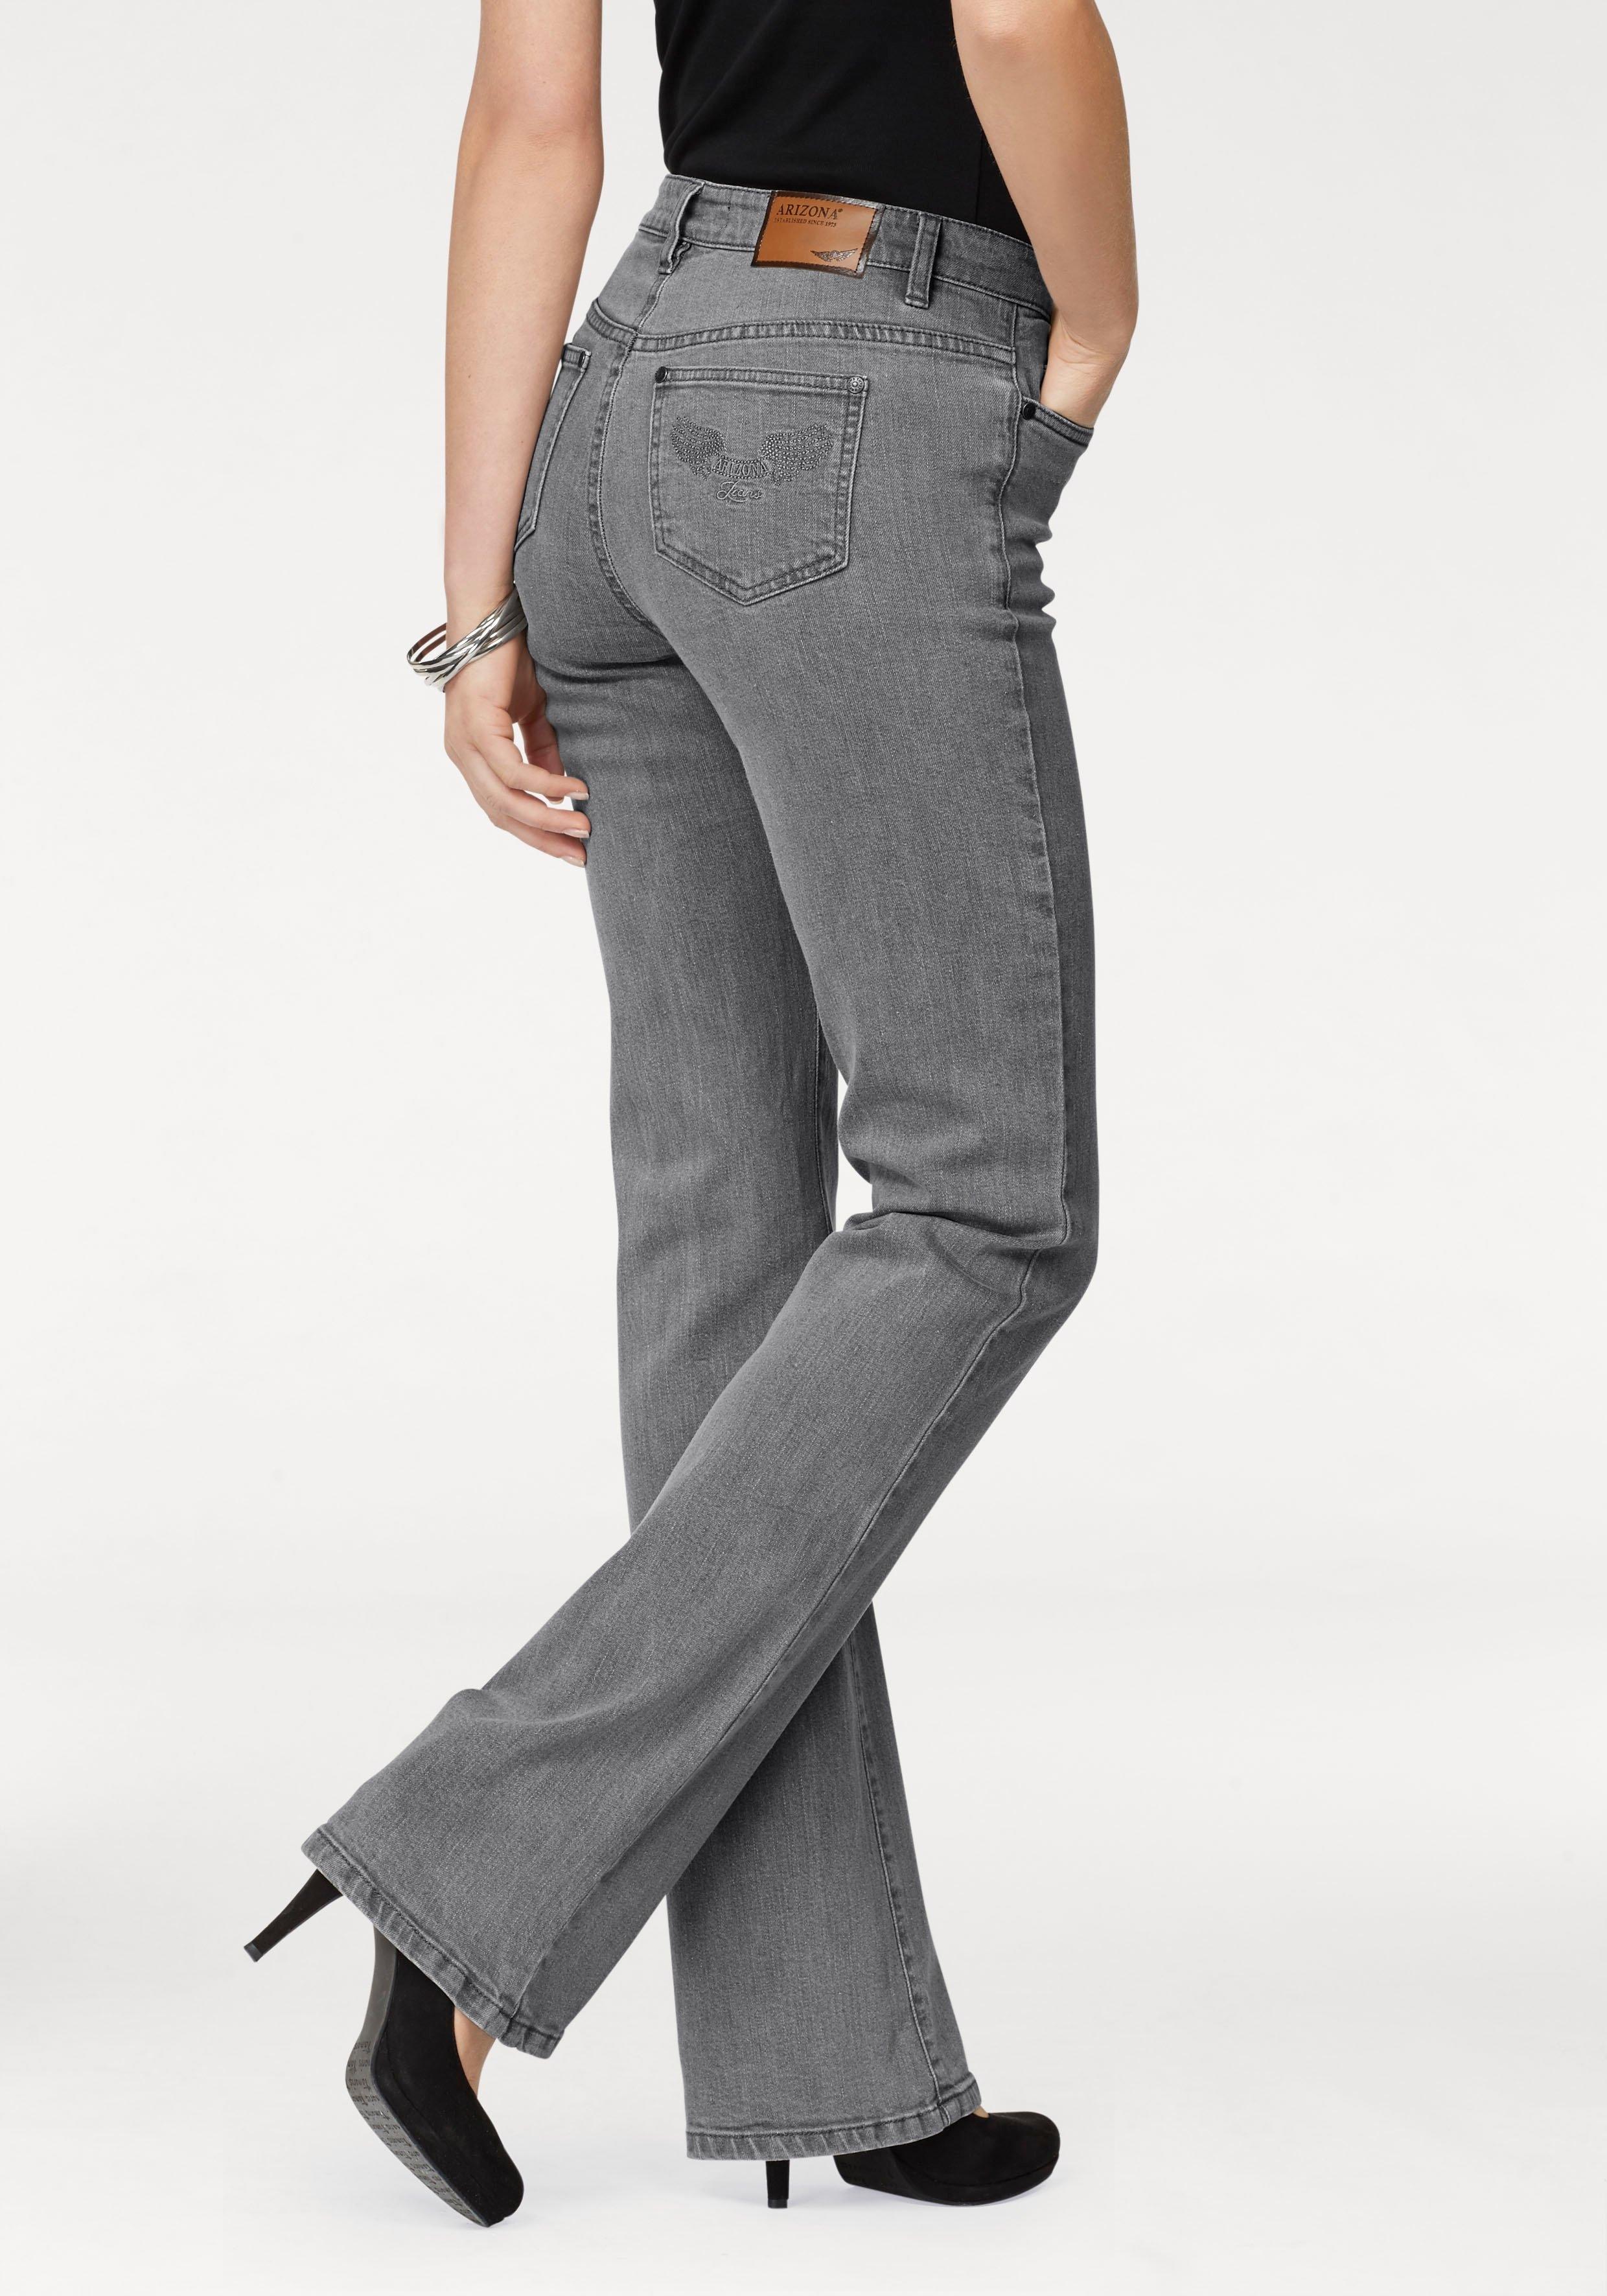 Arizona bootcut jeans Comfort Fit High Waist - gratis ruilen op otto.nl